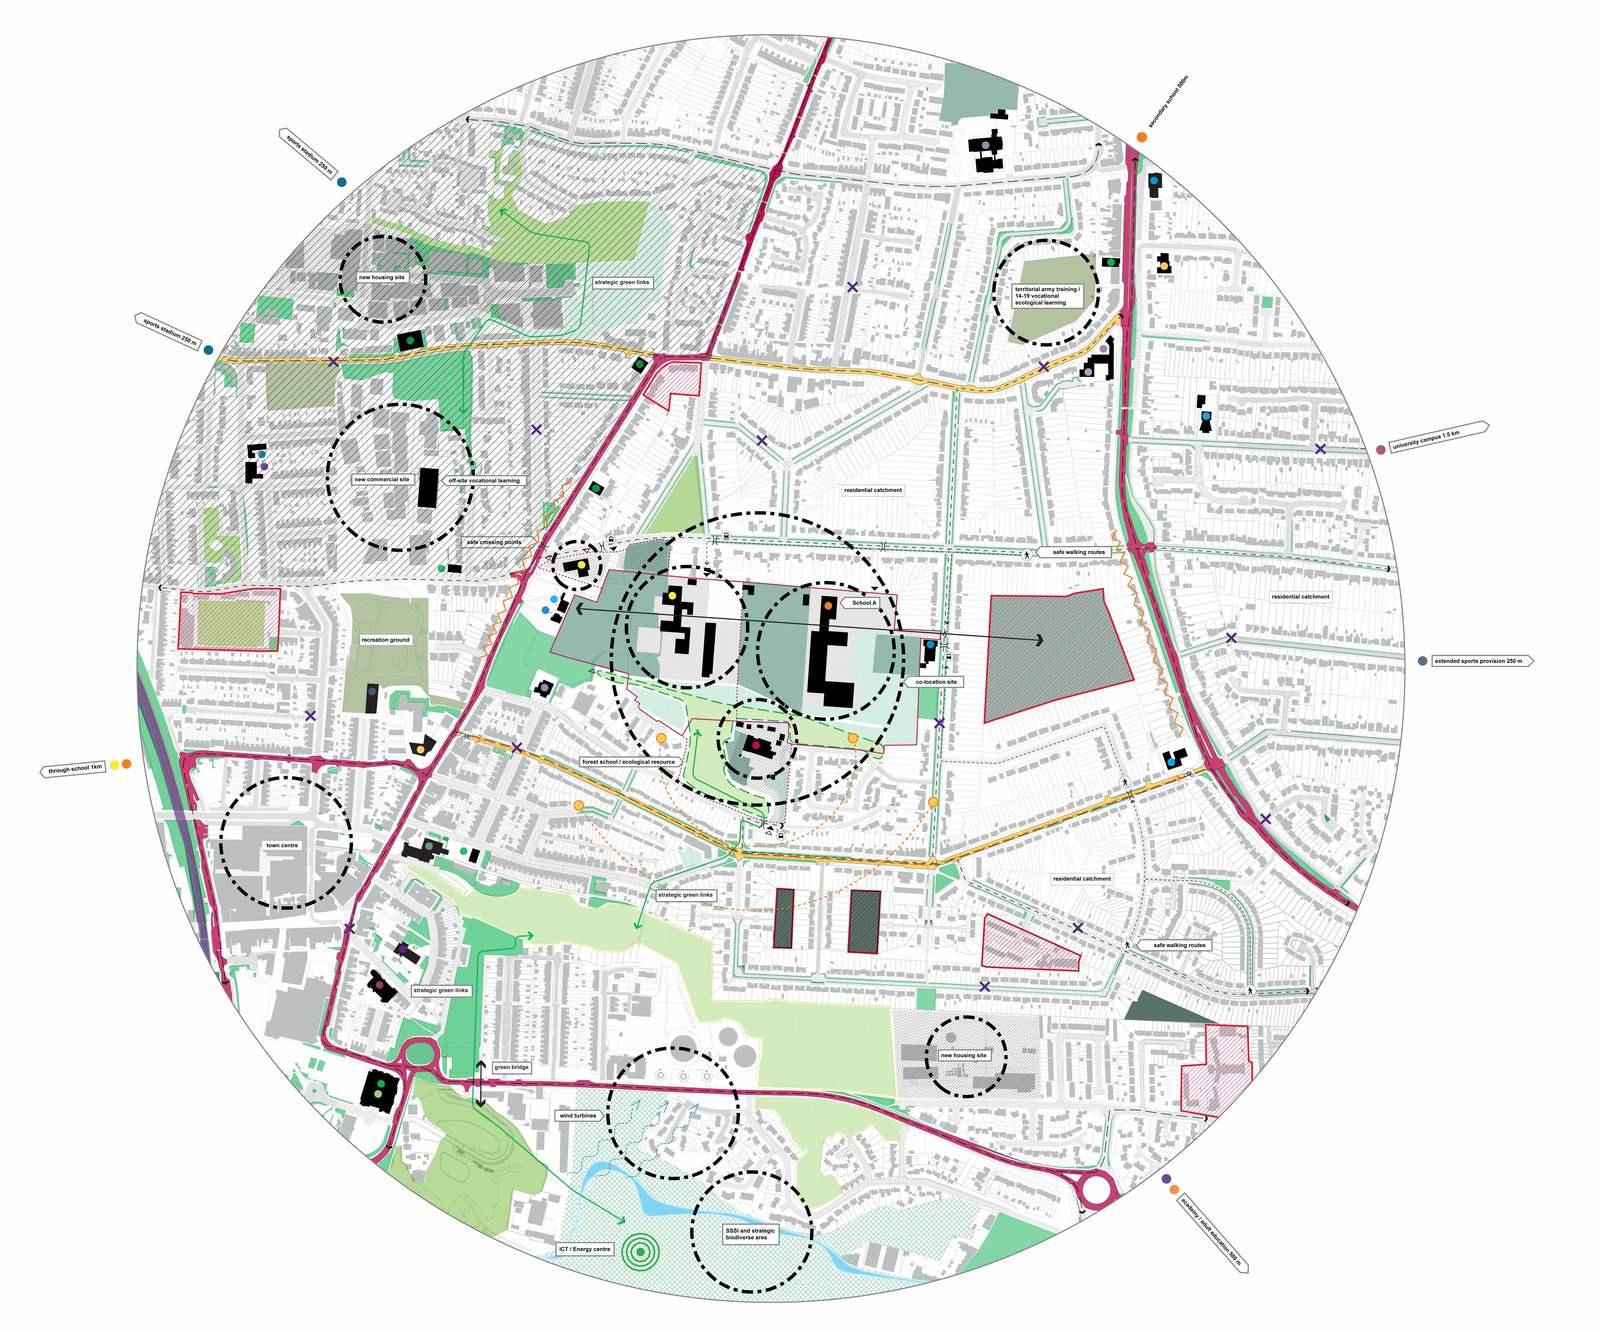 Ellis Miller Achitects Exemplar Spatial Plans, CABE